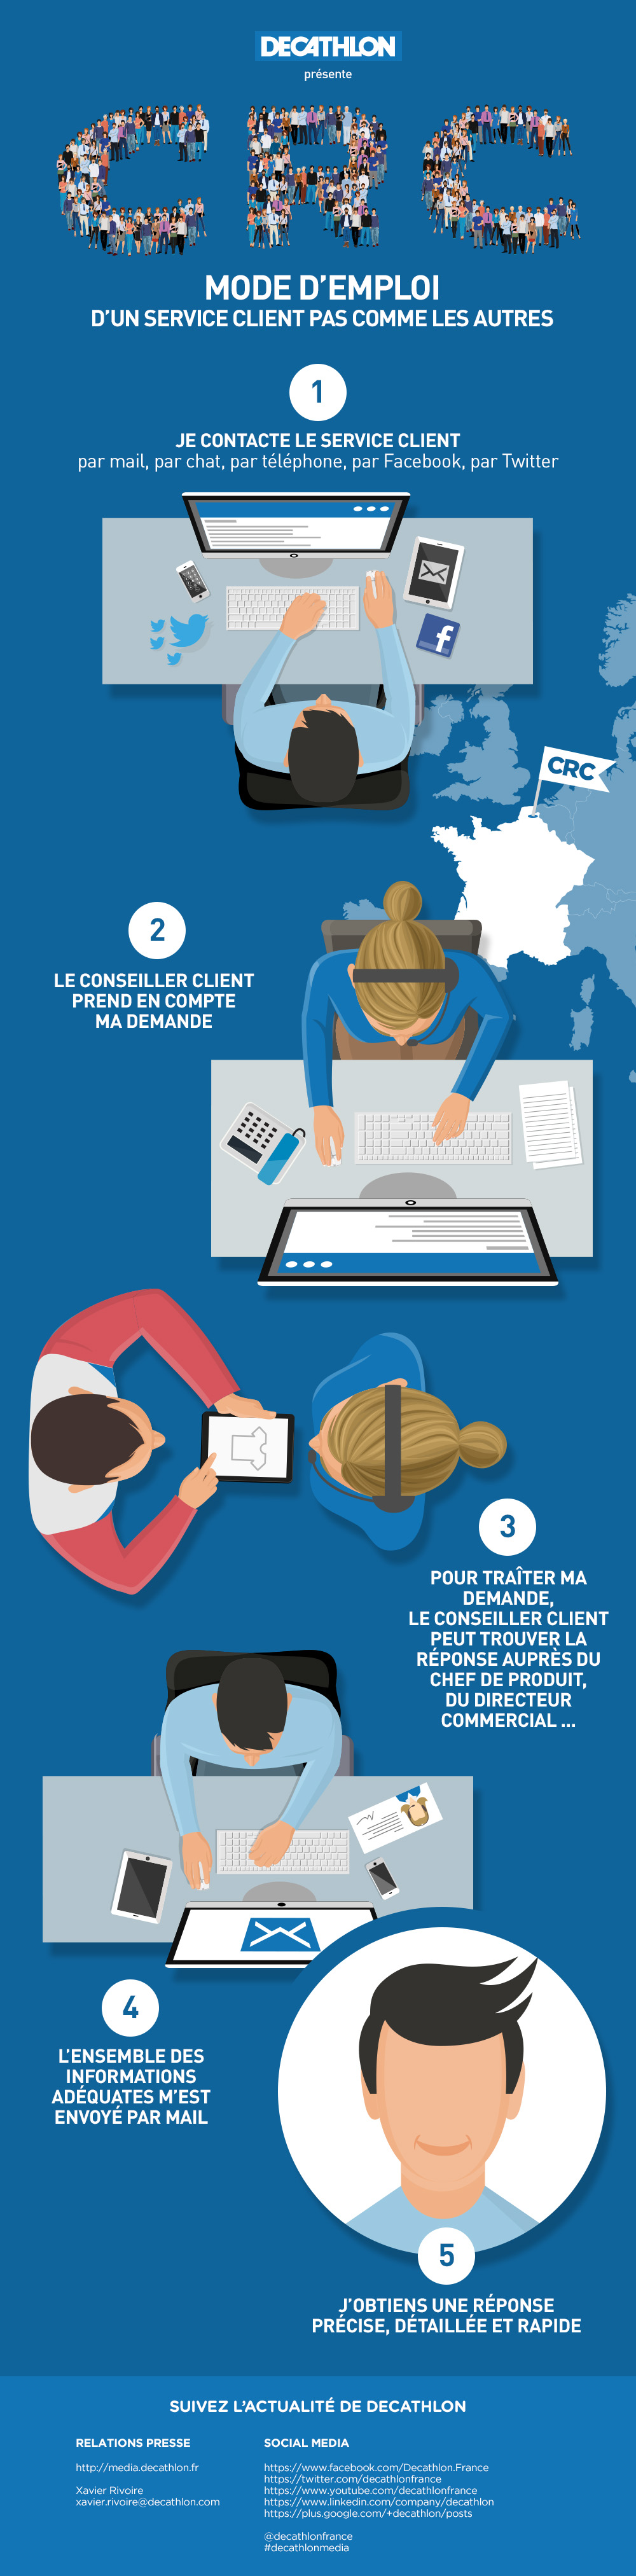 les secrets de la communication bandler pdf